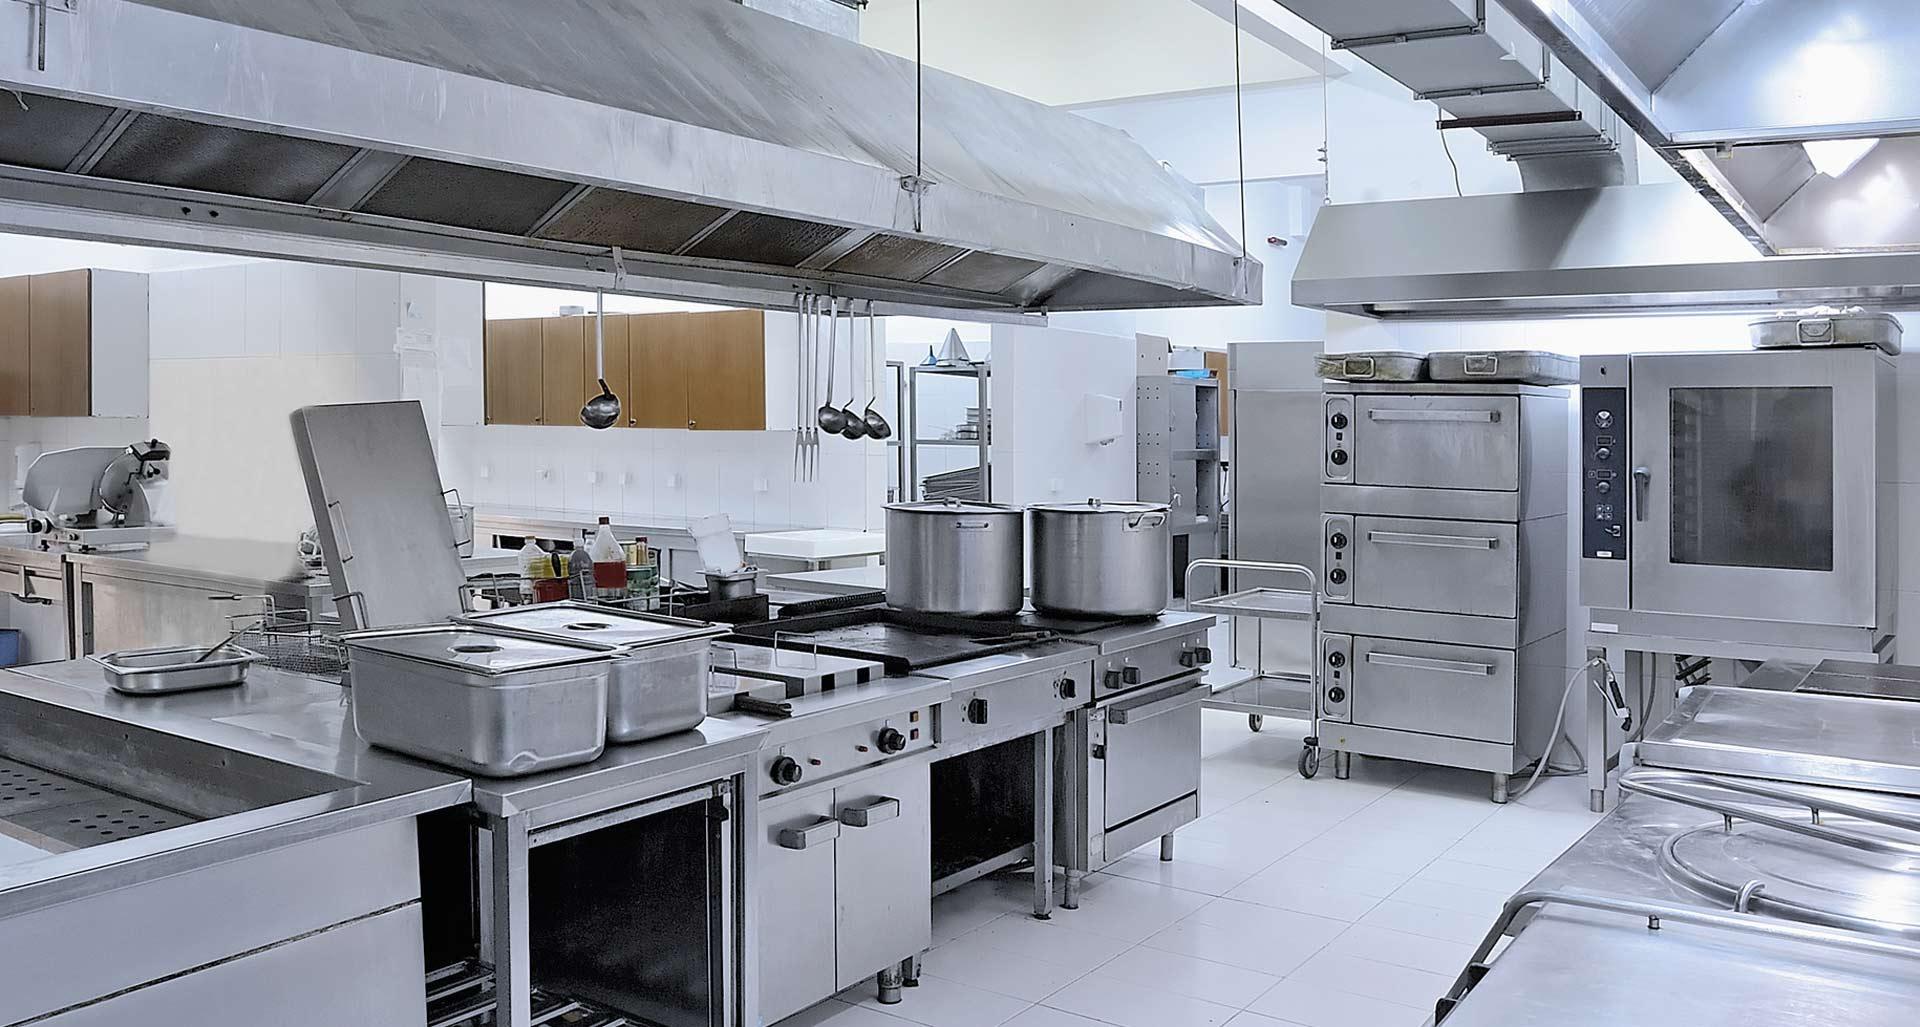 Service alimentaire 2000 r paration d quipements de cuisine for Equipement de cuisine commerciale